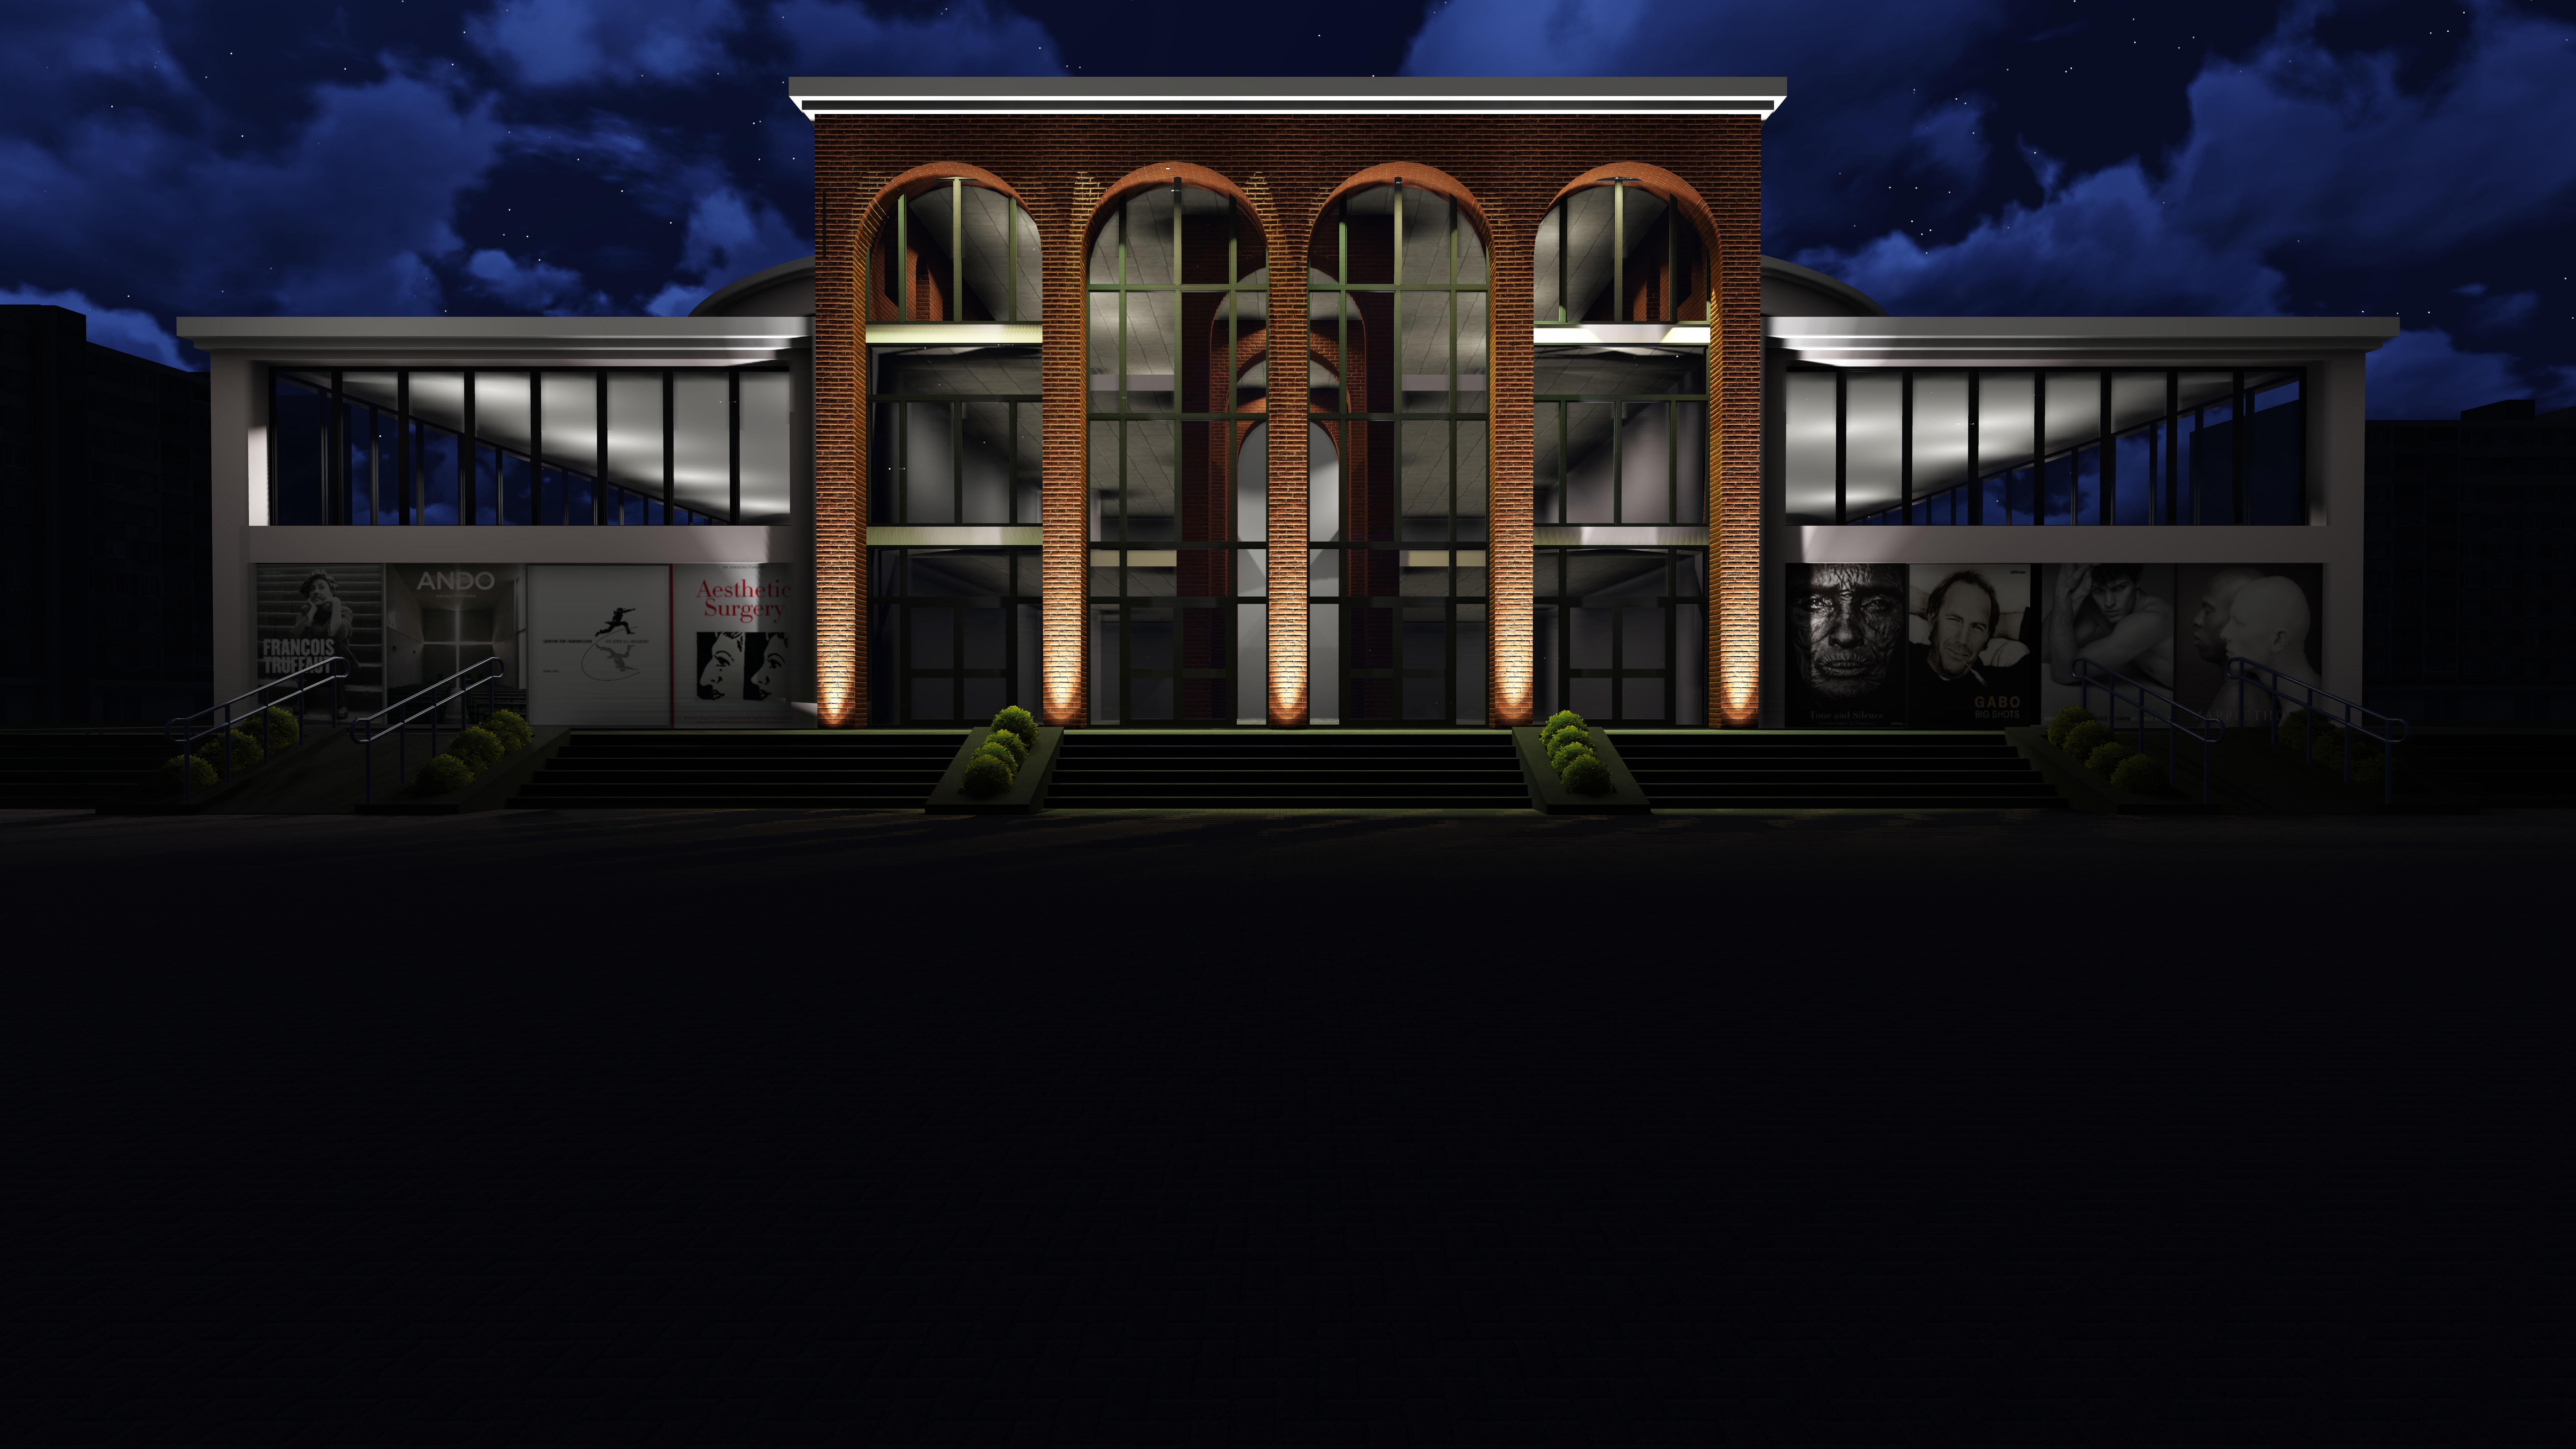 Разработка архитектурной концепции театра оперы и балета фото f_50452f688708a89e.jpg